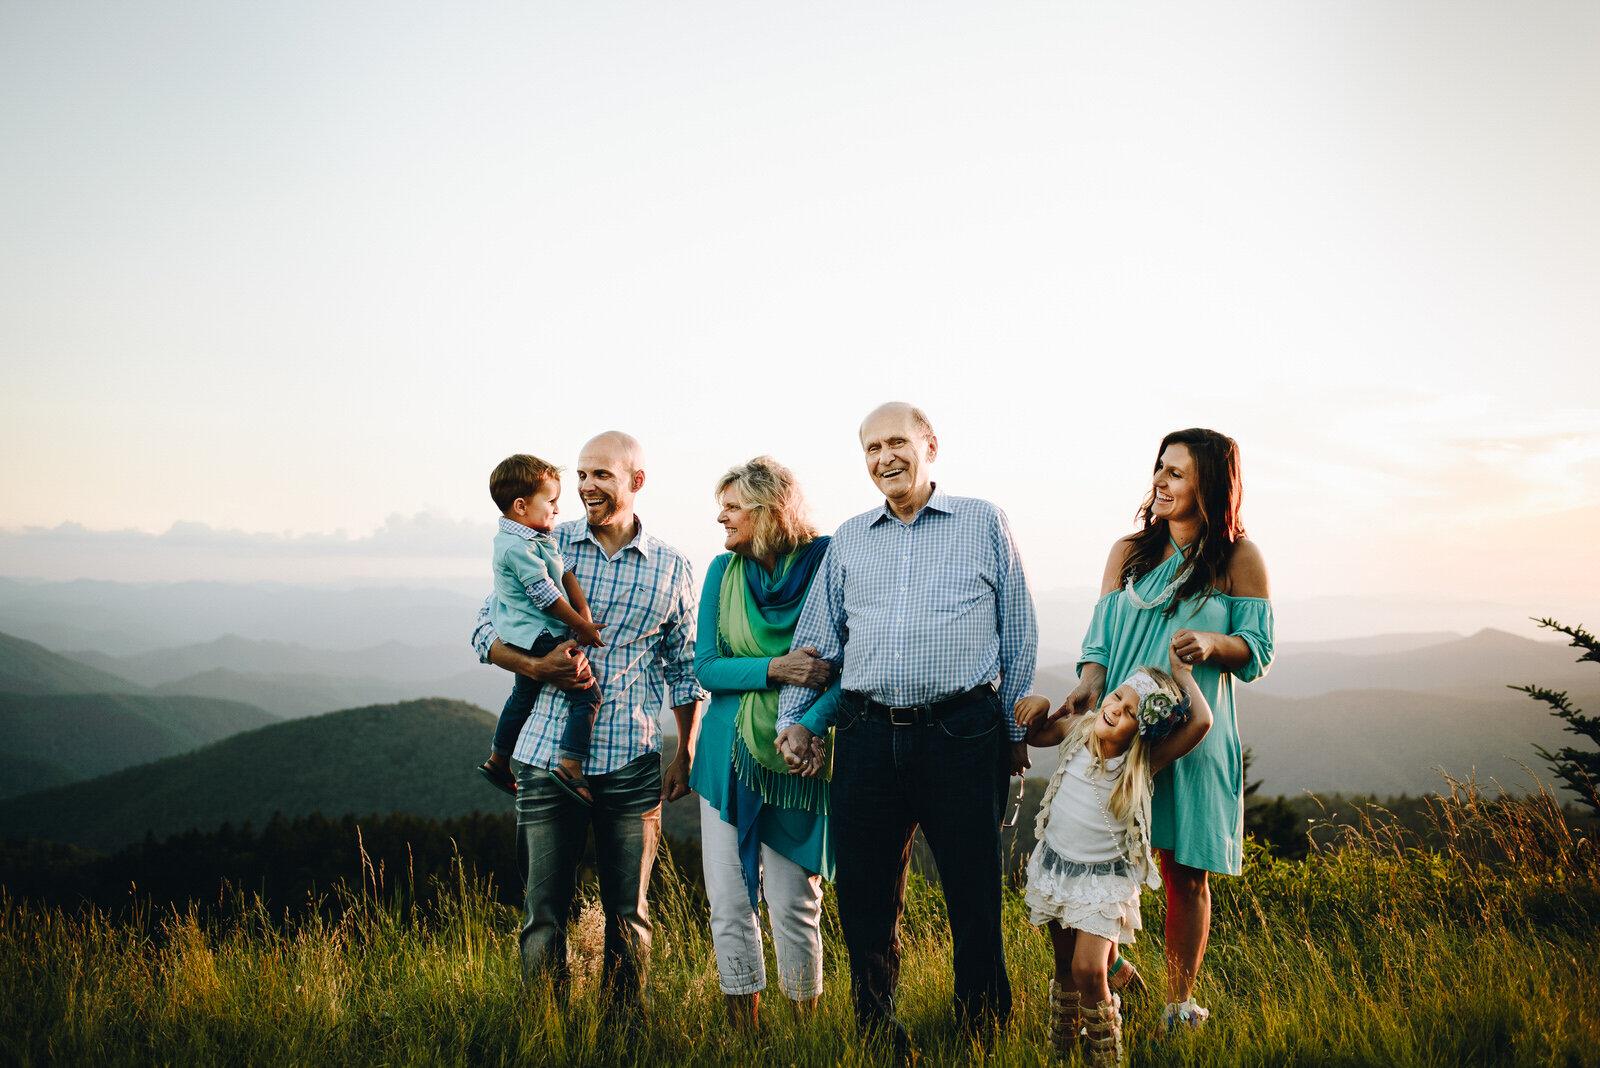 Mountain-top-family-photos-asheville-nc (144 of 1).jpg